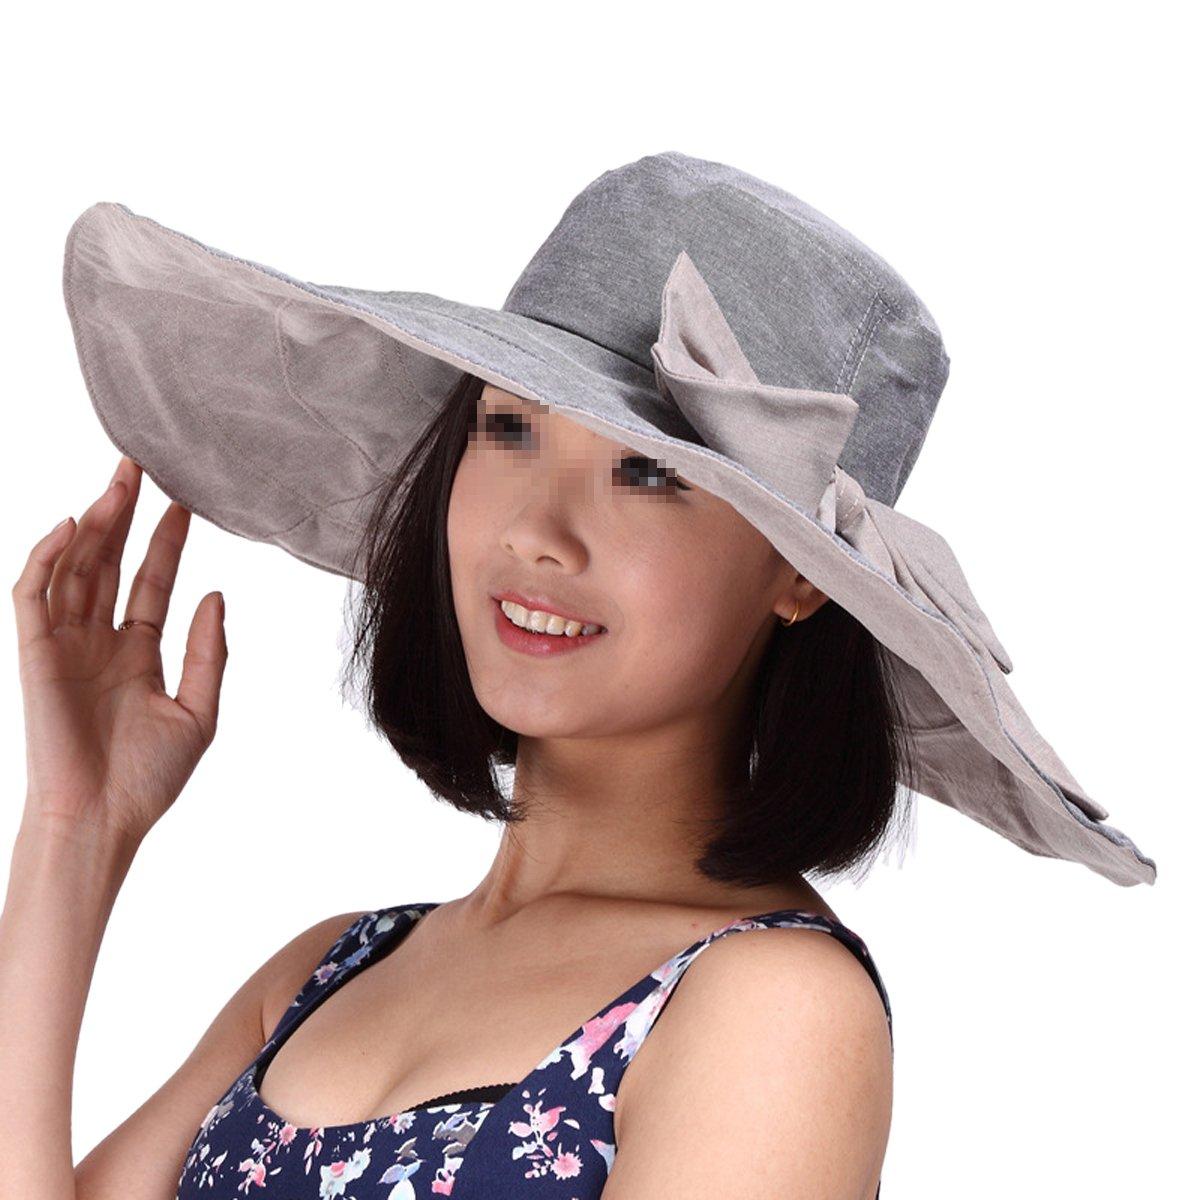 ideale per la spiaggia pieghevole protezione UPF 50/+ Butterme Cappello Panama da donna ideale per proteggersi dai raggi UV morbido fiocco rimovibile